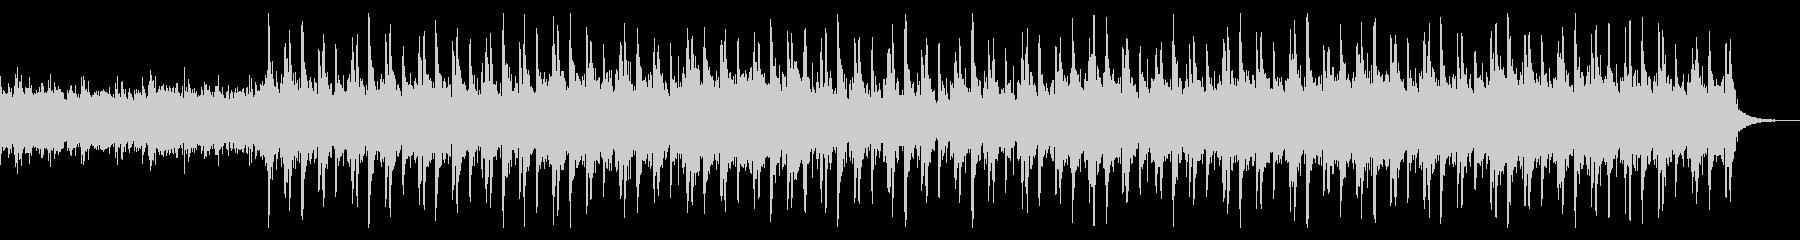 ケルトEpic系バグパイプ・勇敢な行進曲の未再生の波形